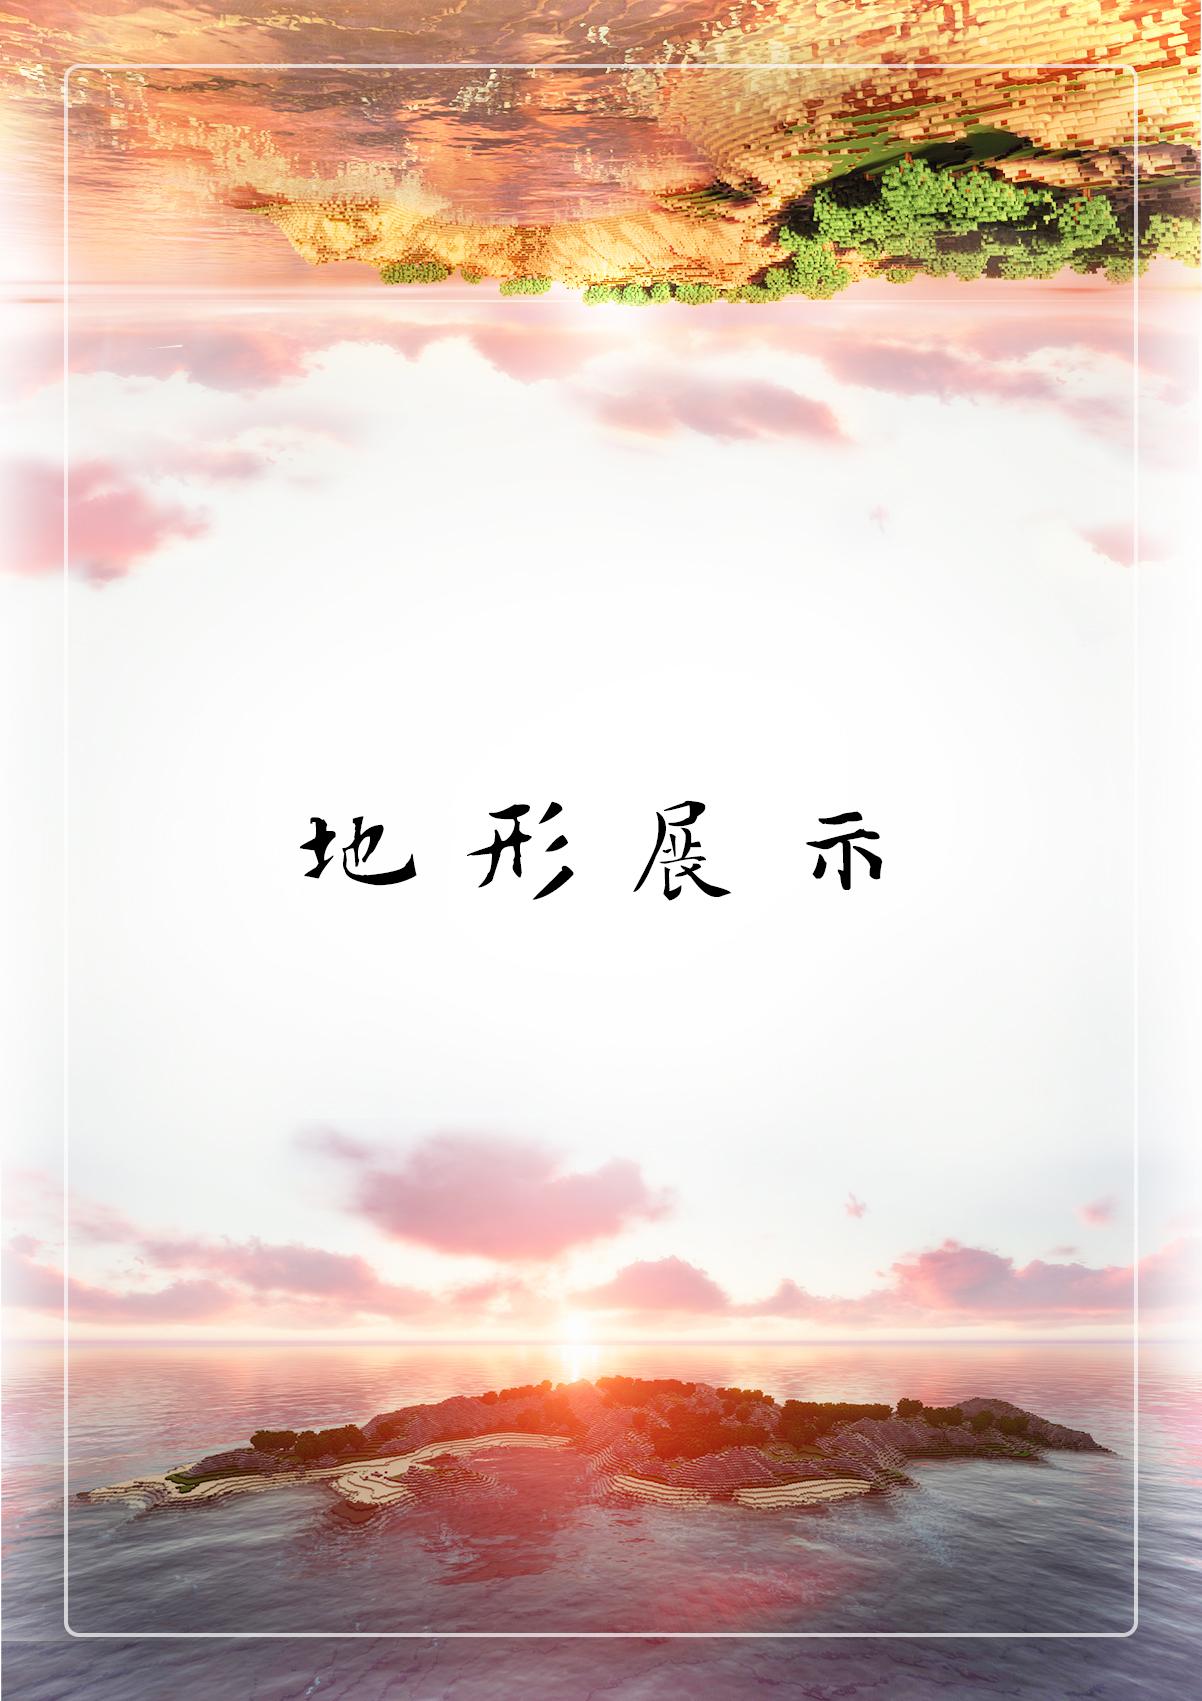 【我的别墅现代建筑群】海岛v别墅世界--源梦岛号英文翻译别墅17图片